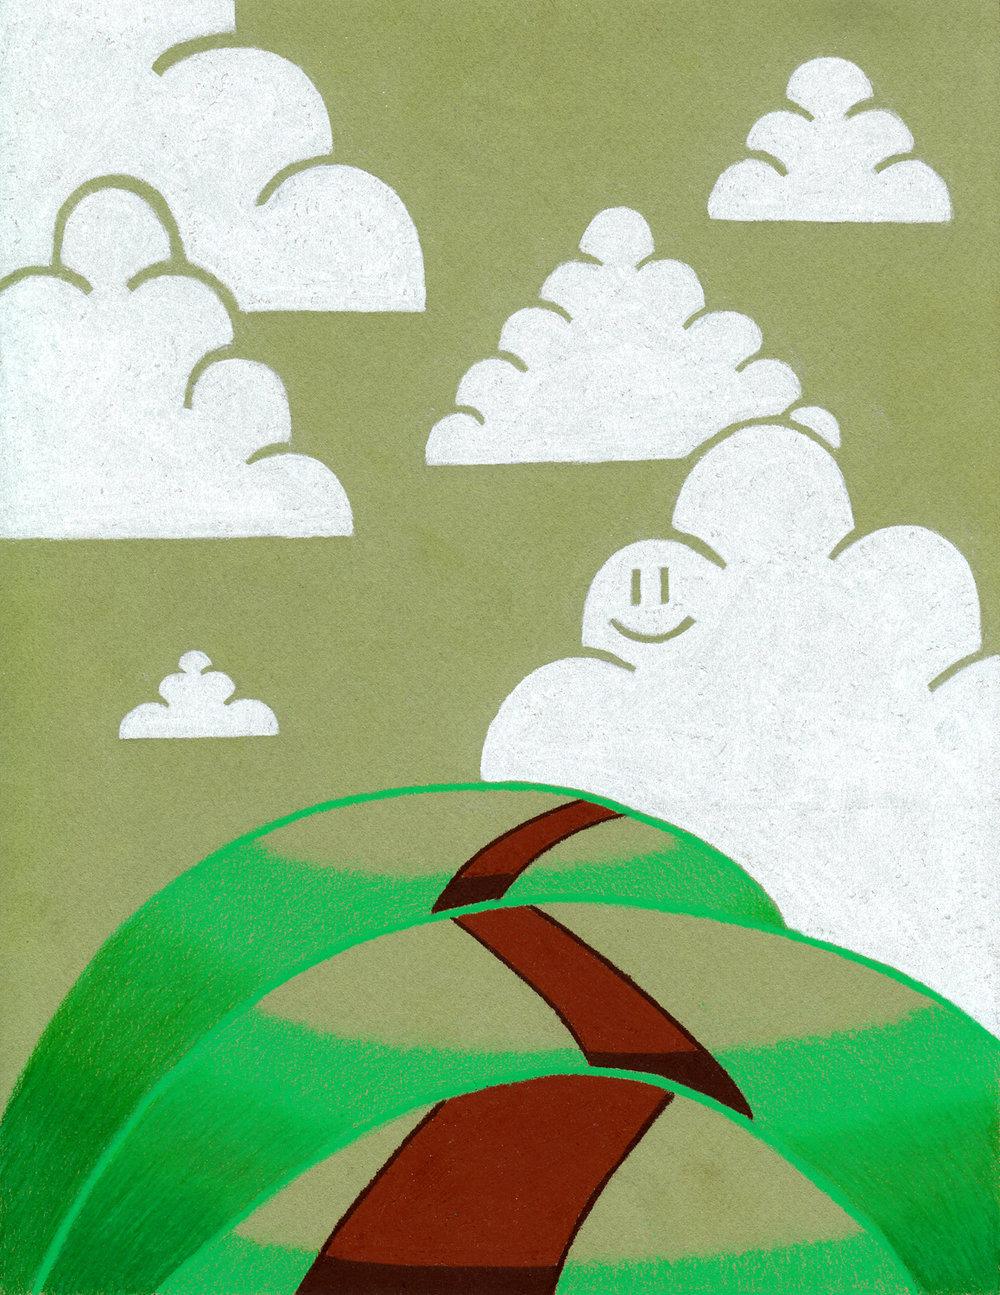 Hills & Clouds (2011)